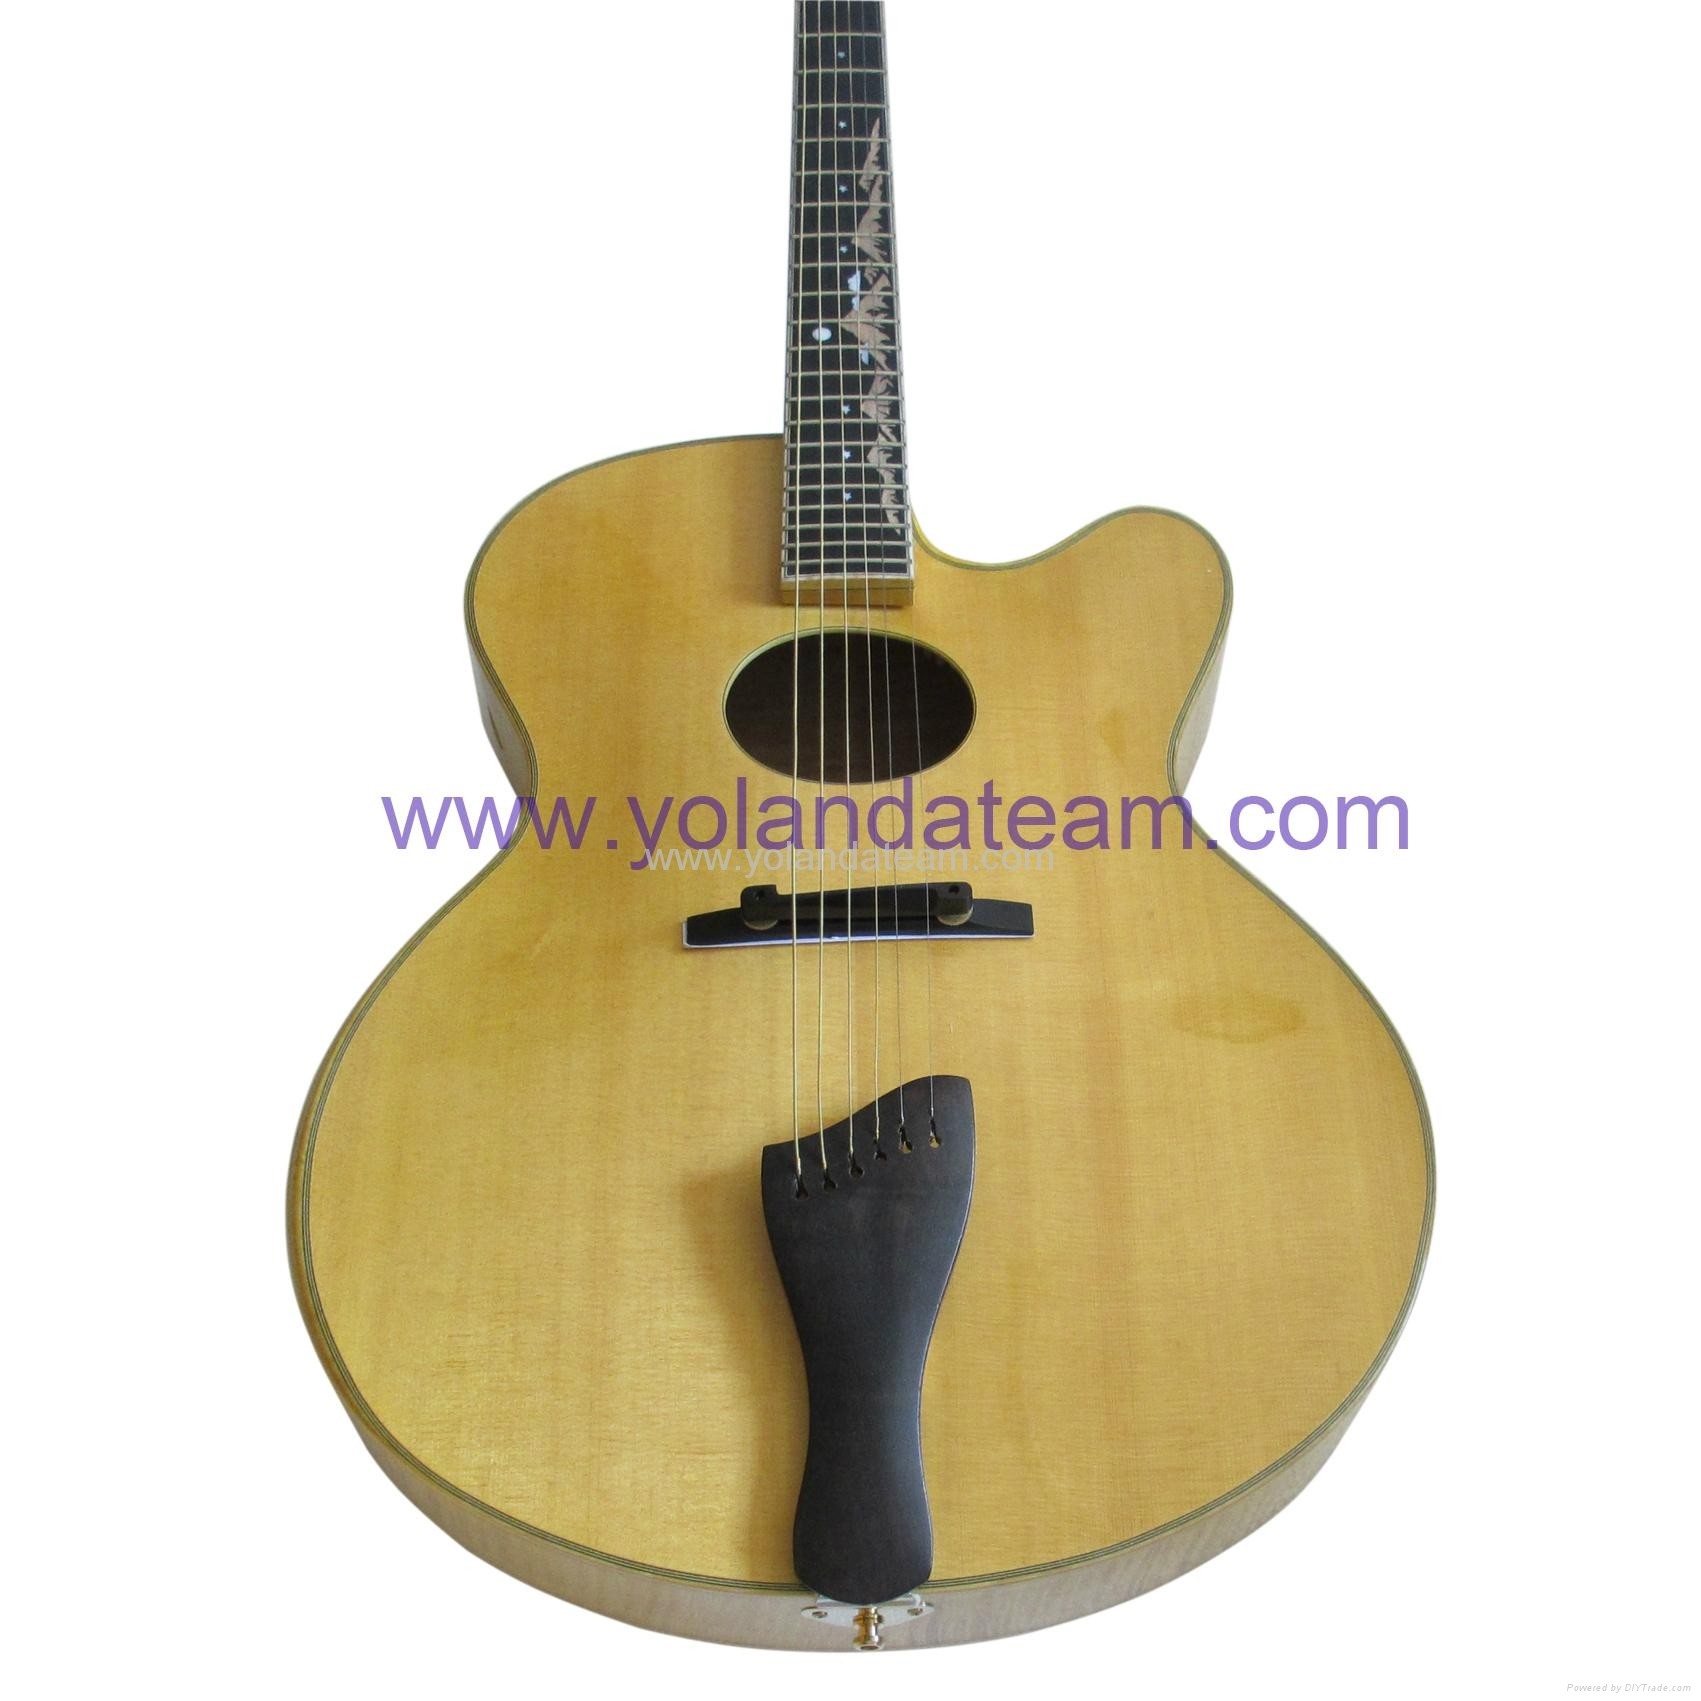 18寸爵士吉他 9